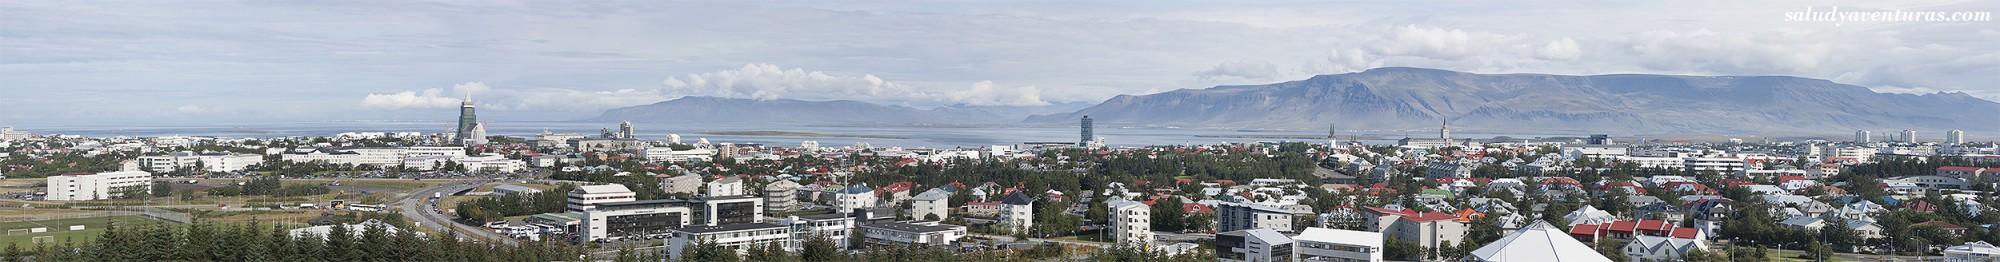 islandia112